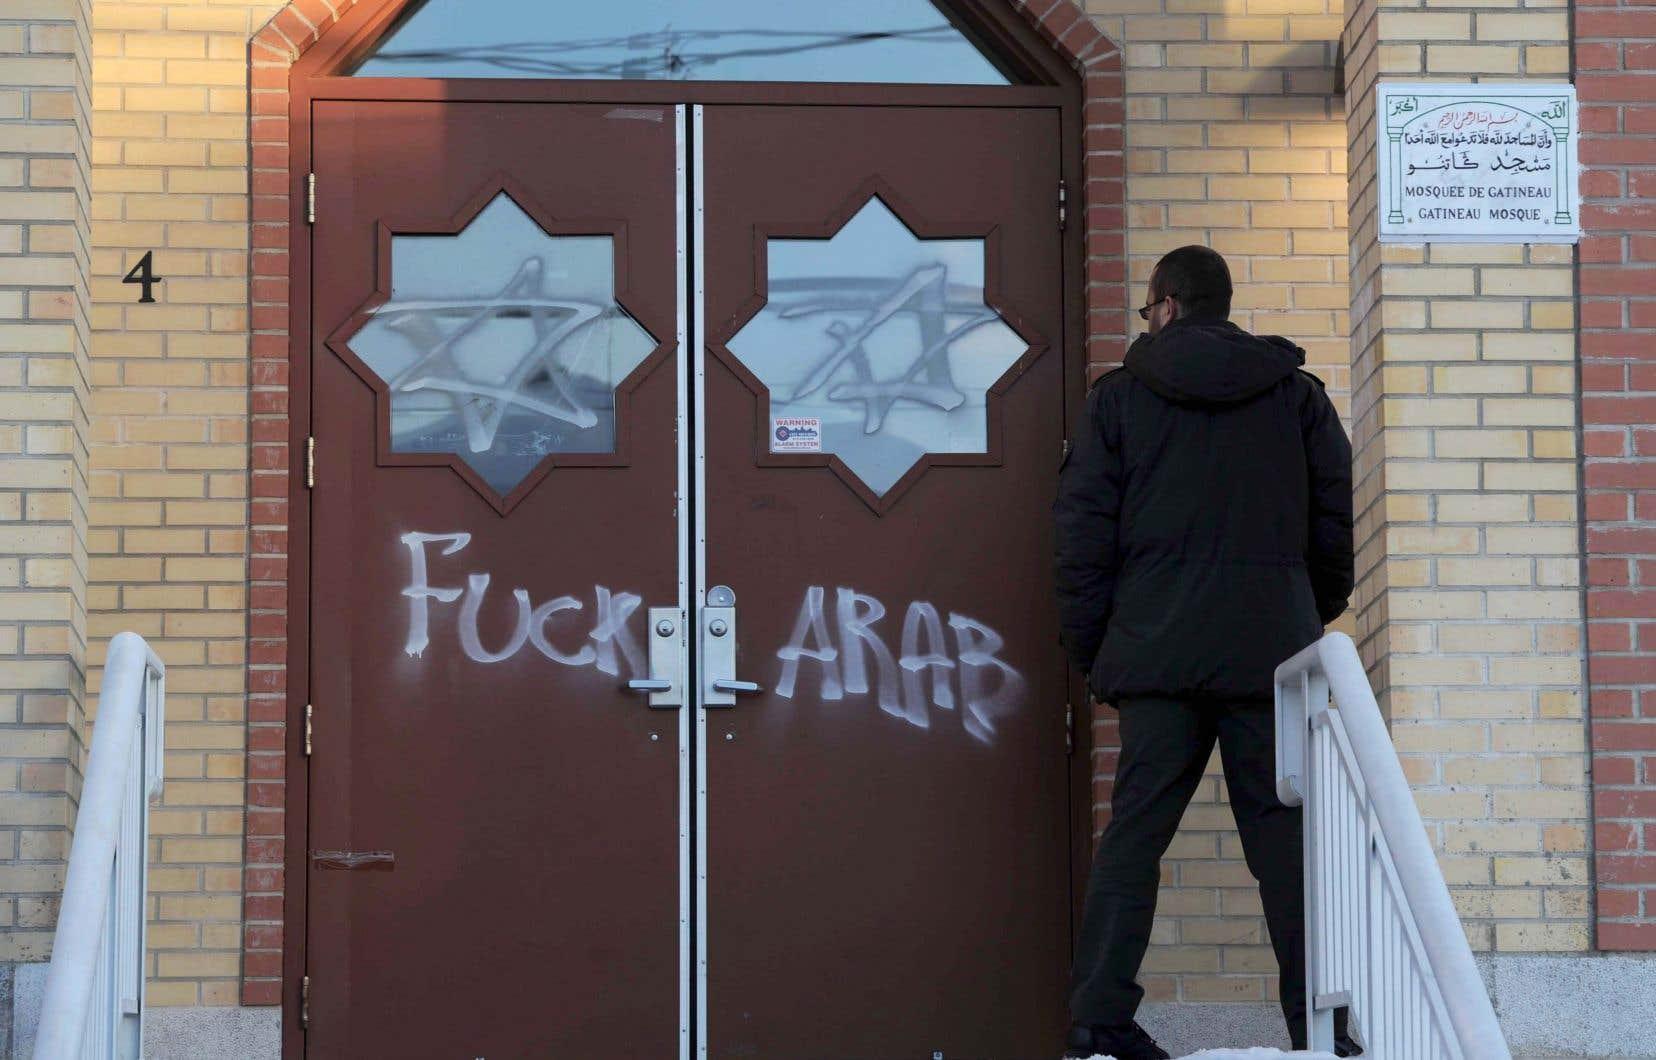 En 2012, le centre islamique de l'Outaouais à Gatineau avait été visé par des actes de vandalisme.